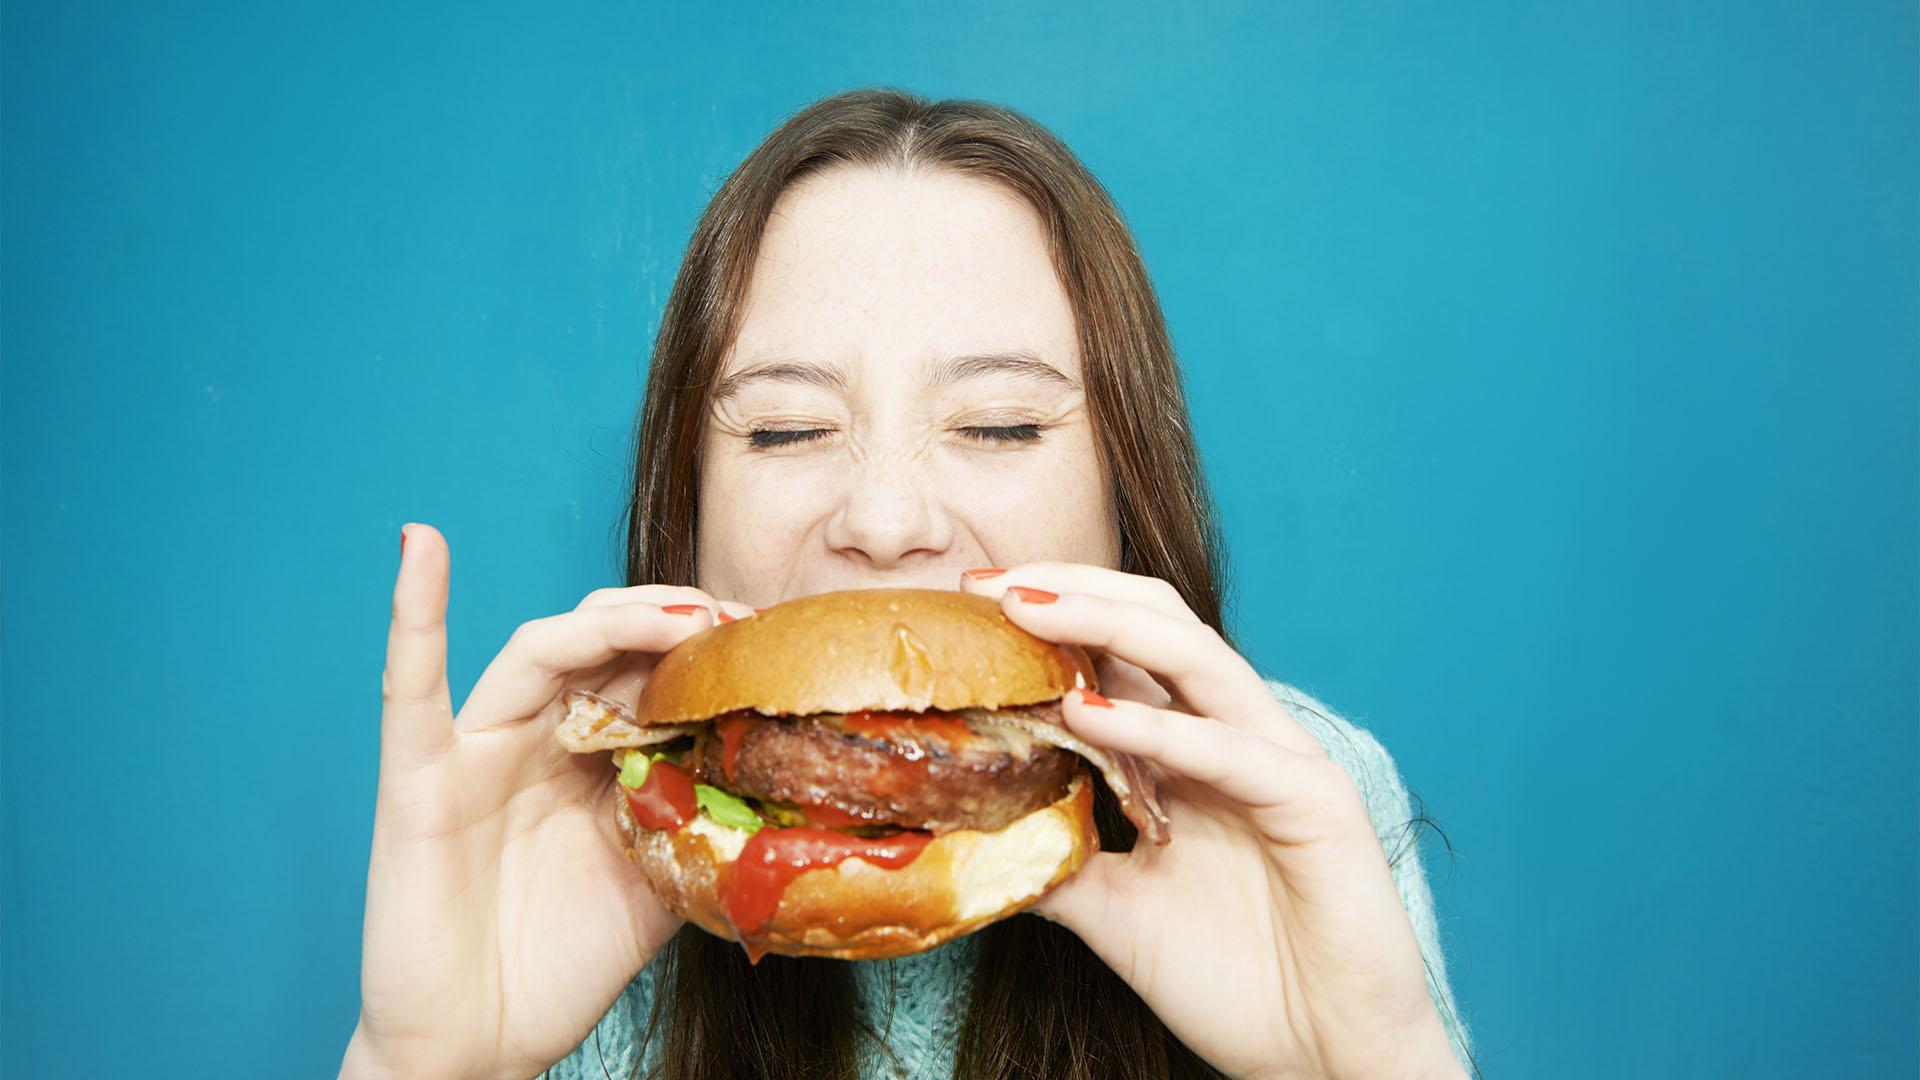 Beperelte a McDonald'st, mert miattuk nem tudott böjtölni